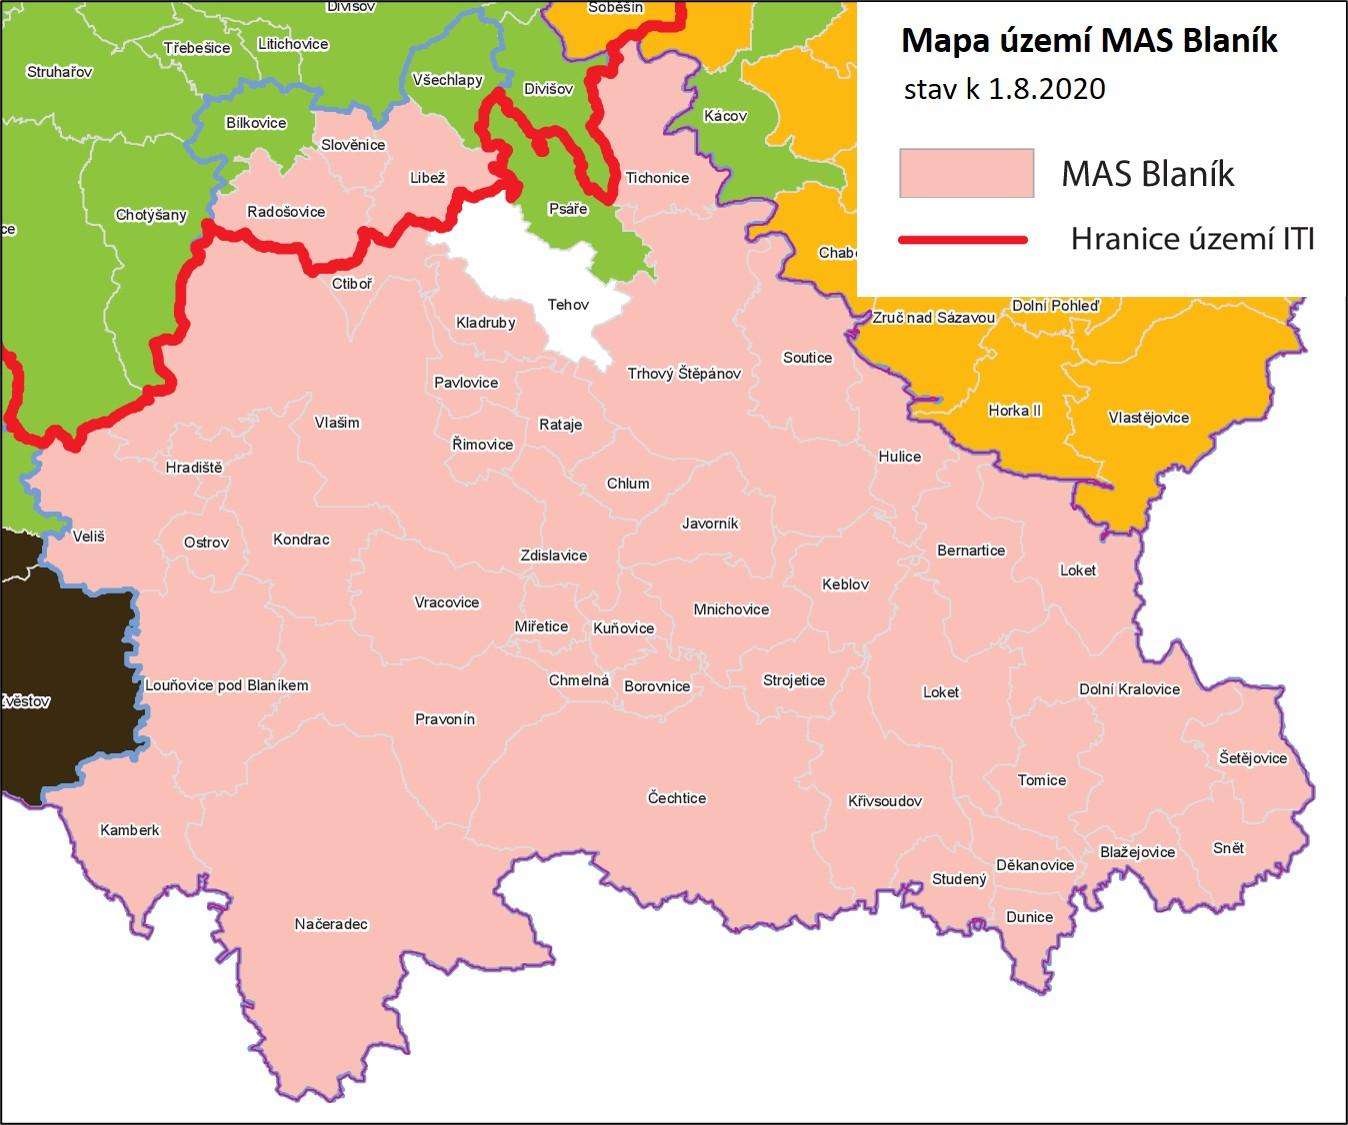 Mapa území Místní akční skupiny Blaník